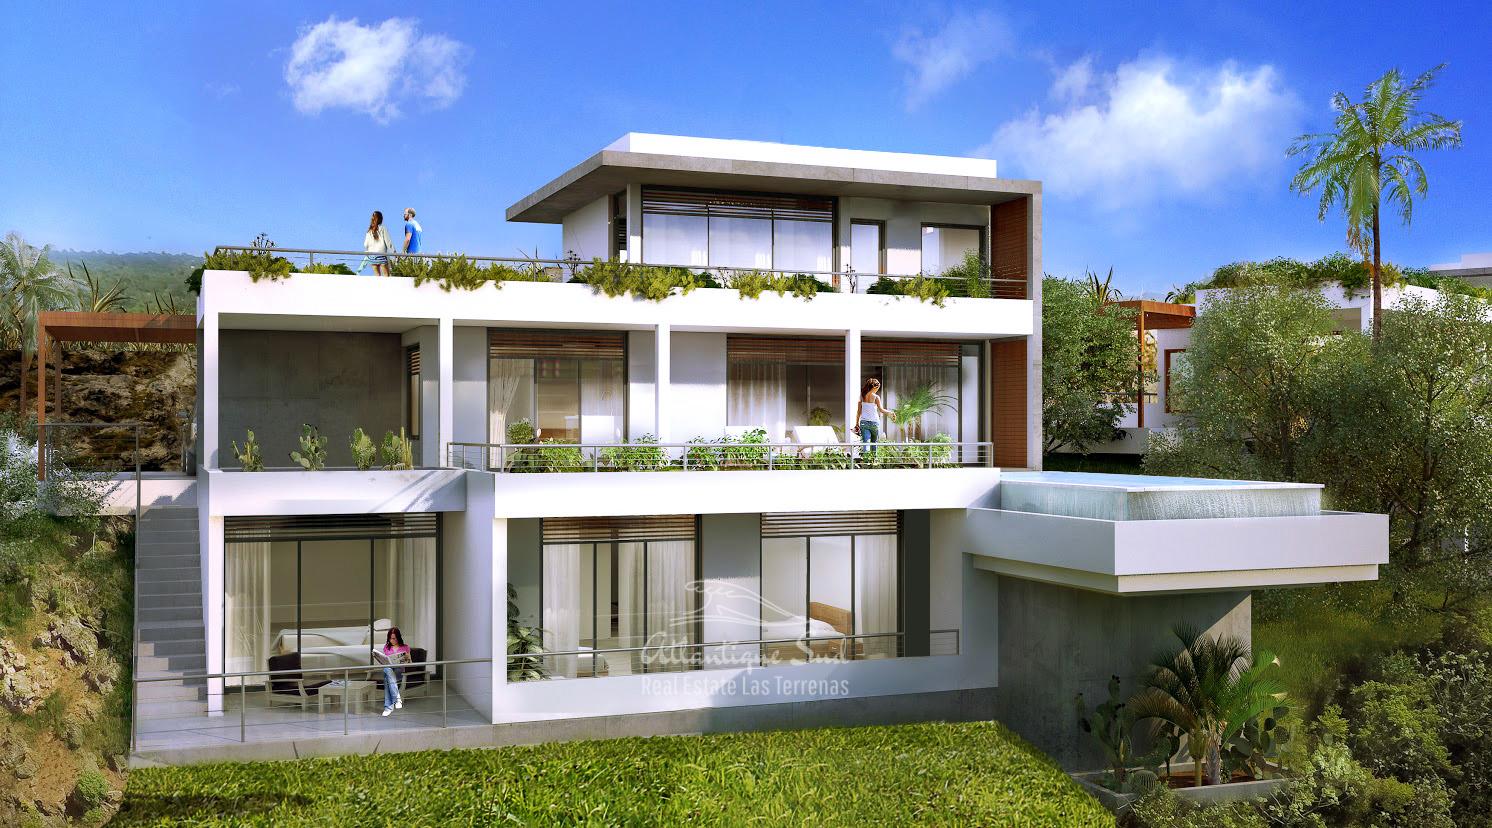 Ecofriendly Villas under development on a hillside with amazing ocean views in Las Terrenas Real Estate Dominican Republic10.jpg